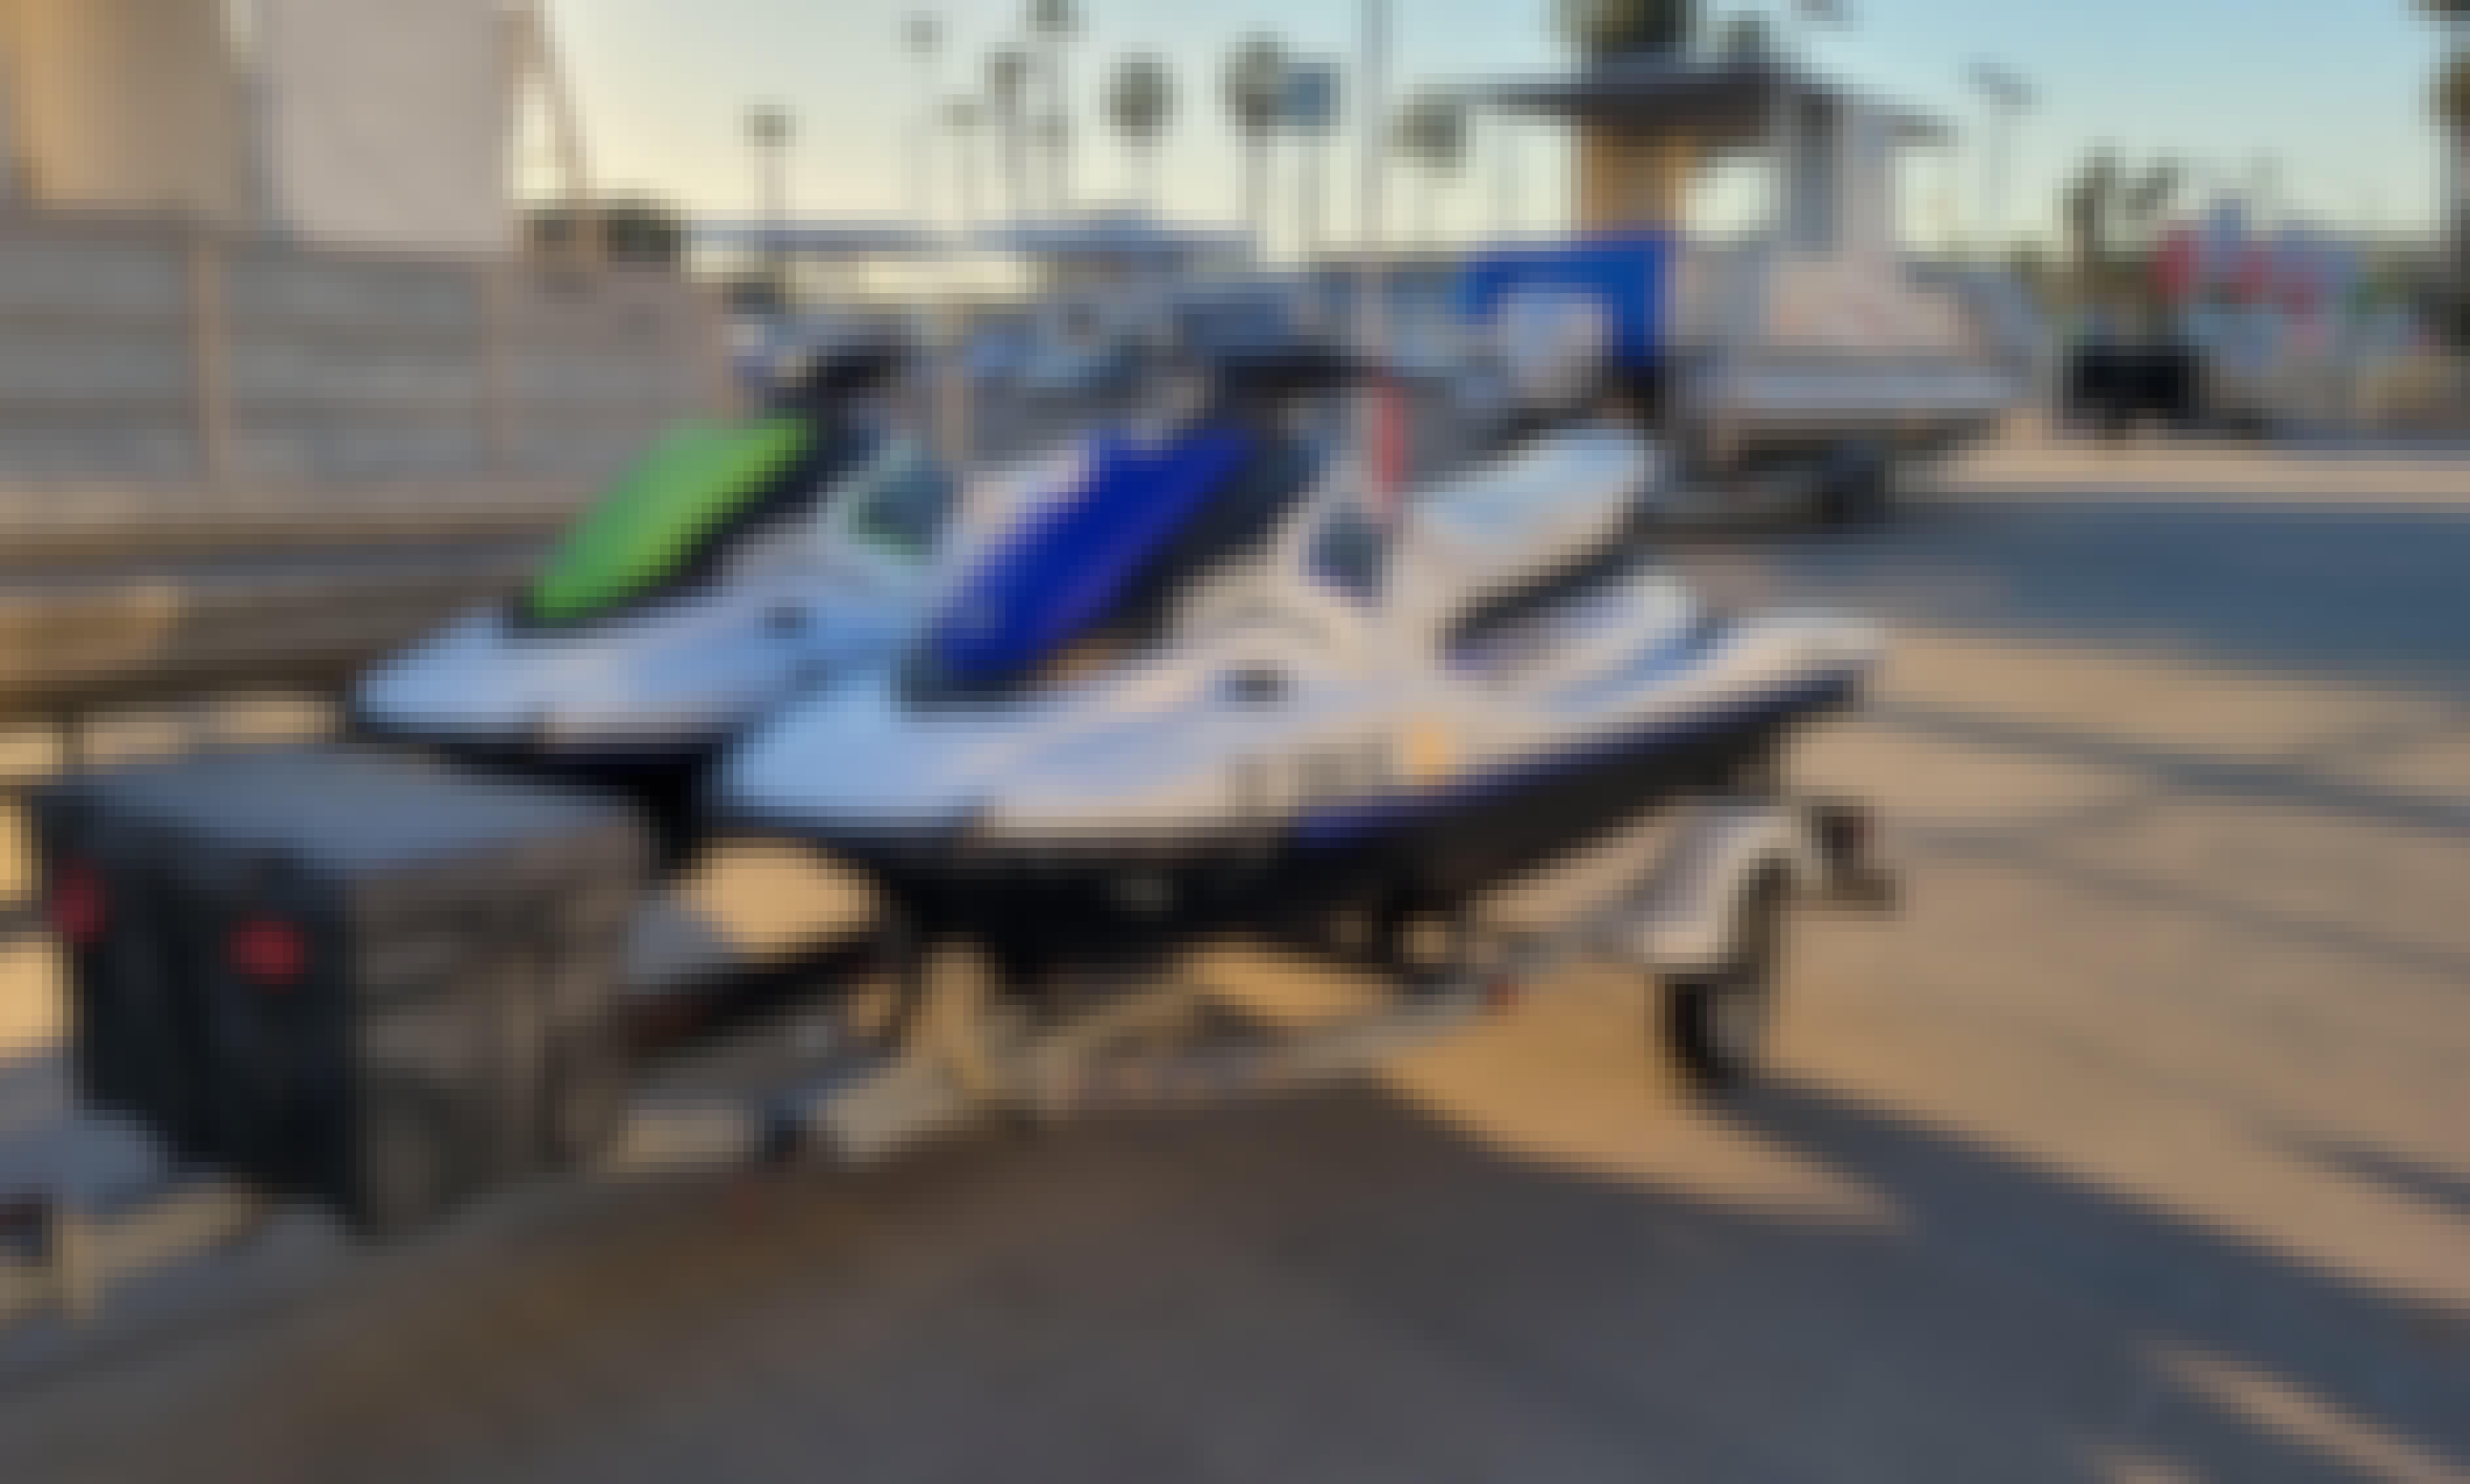 Enjoy Mission Bay on Yamaha EX Waverunners!! Rent 1, 2, or 3 Jetskis